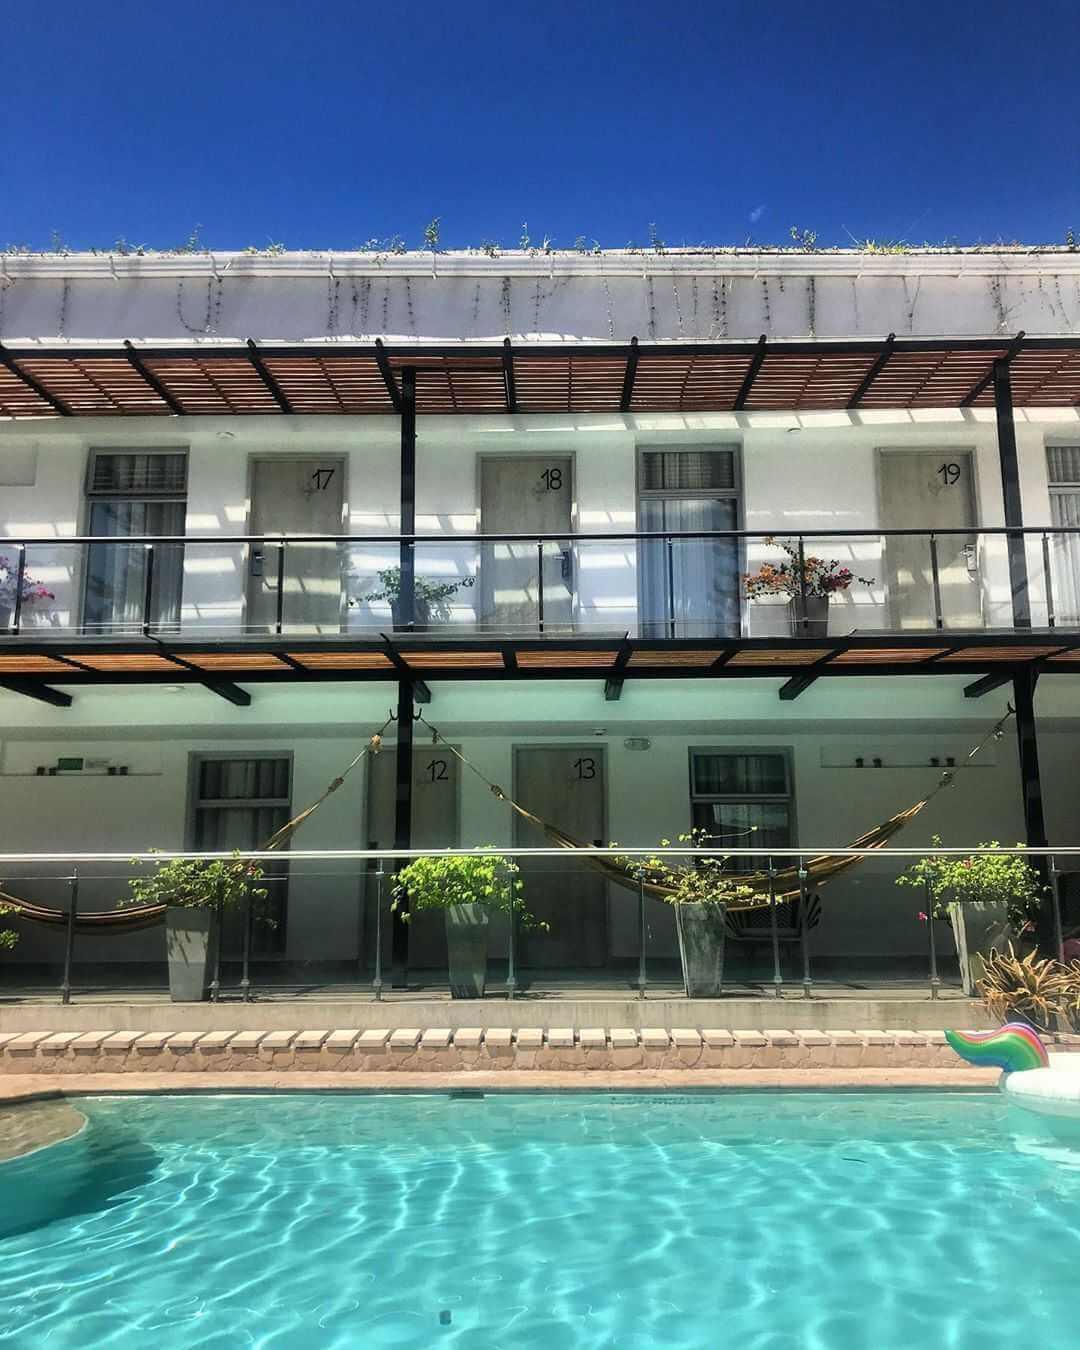 Hospedajes en Medellín con piscina y balcón